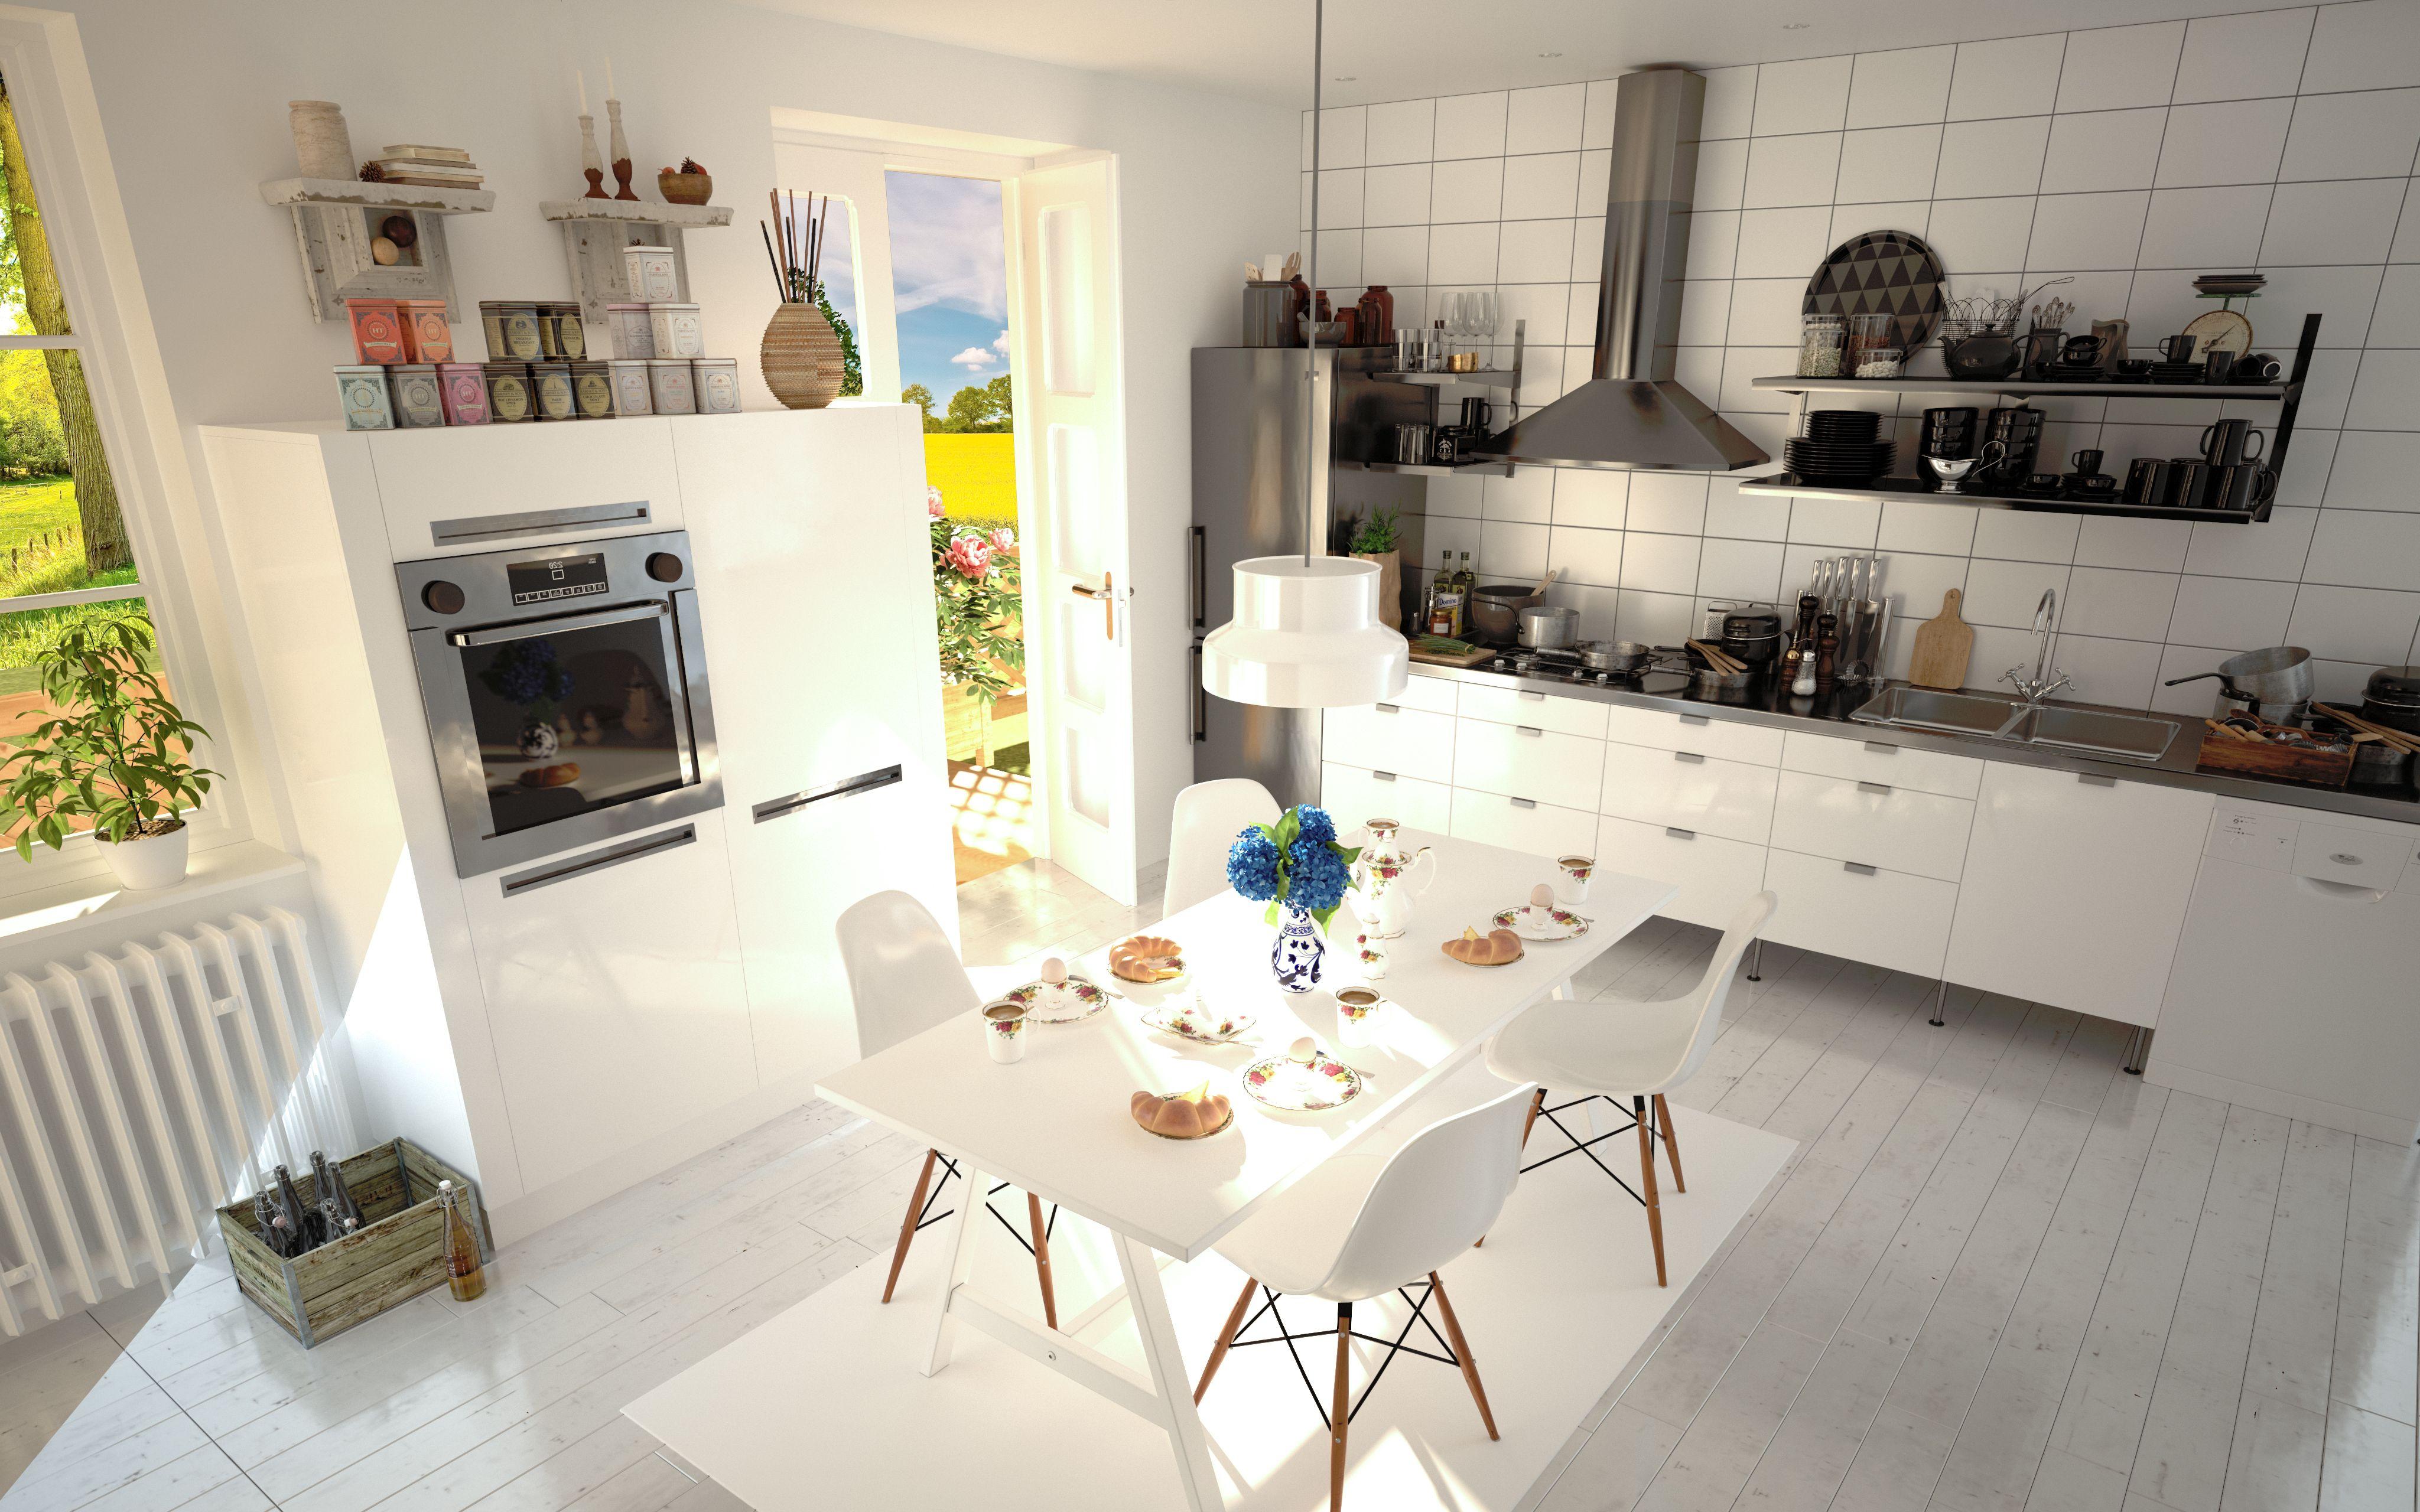 interiordesign #kitchen #breakfast #sunny #bright #white #3d #render ...